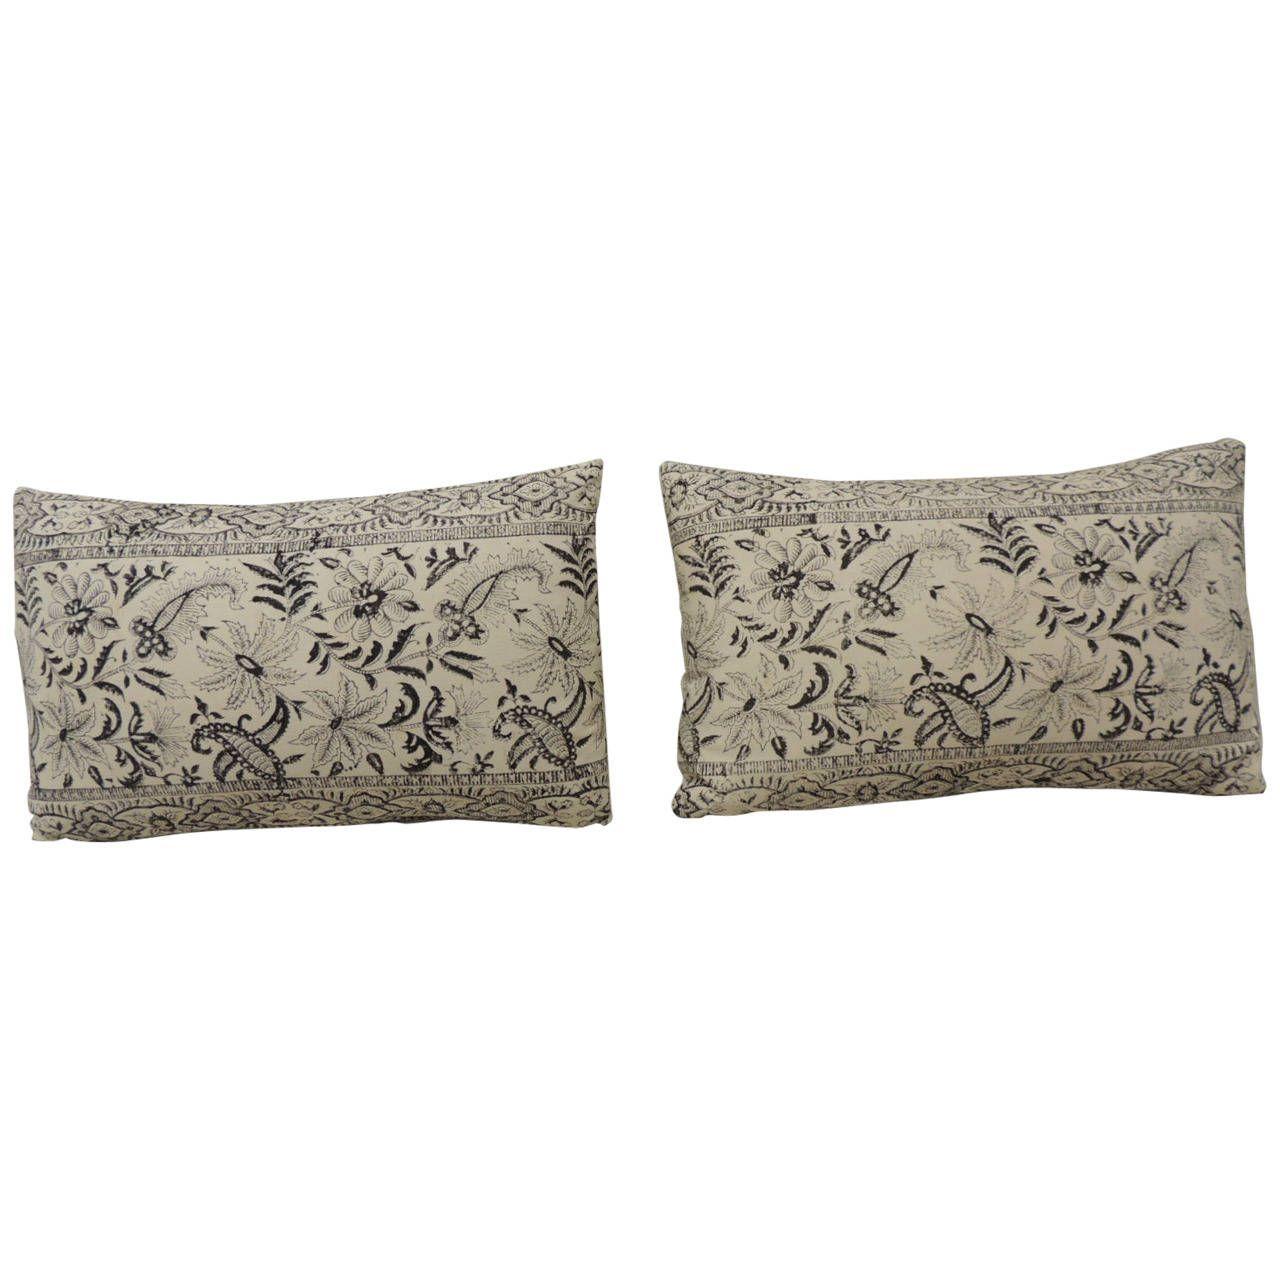 Pair of Indian Batik Lumbar Pillows